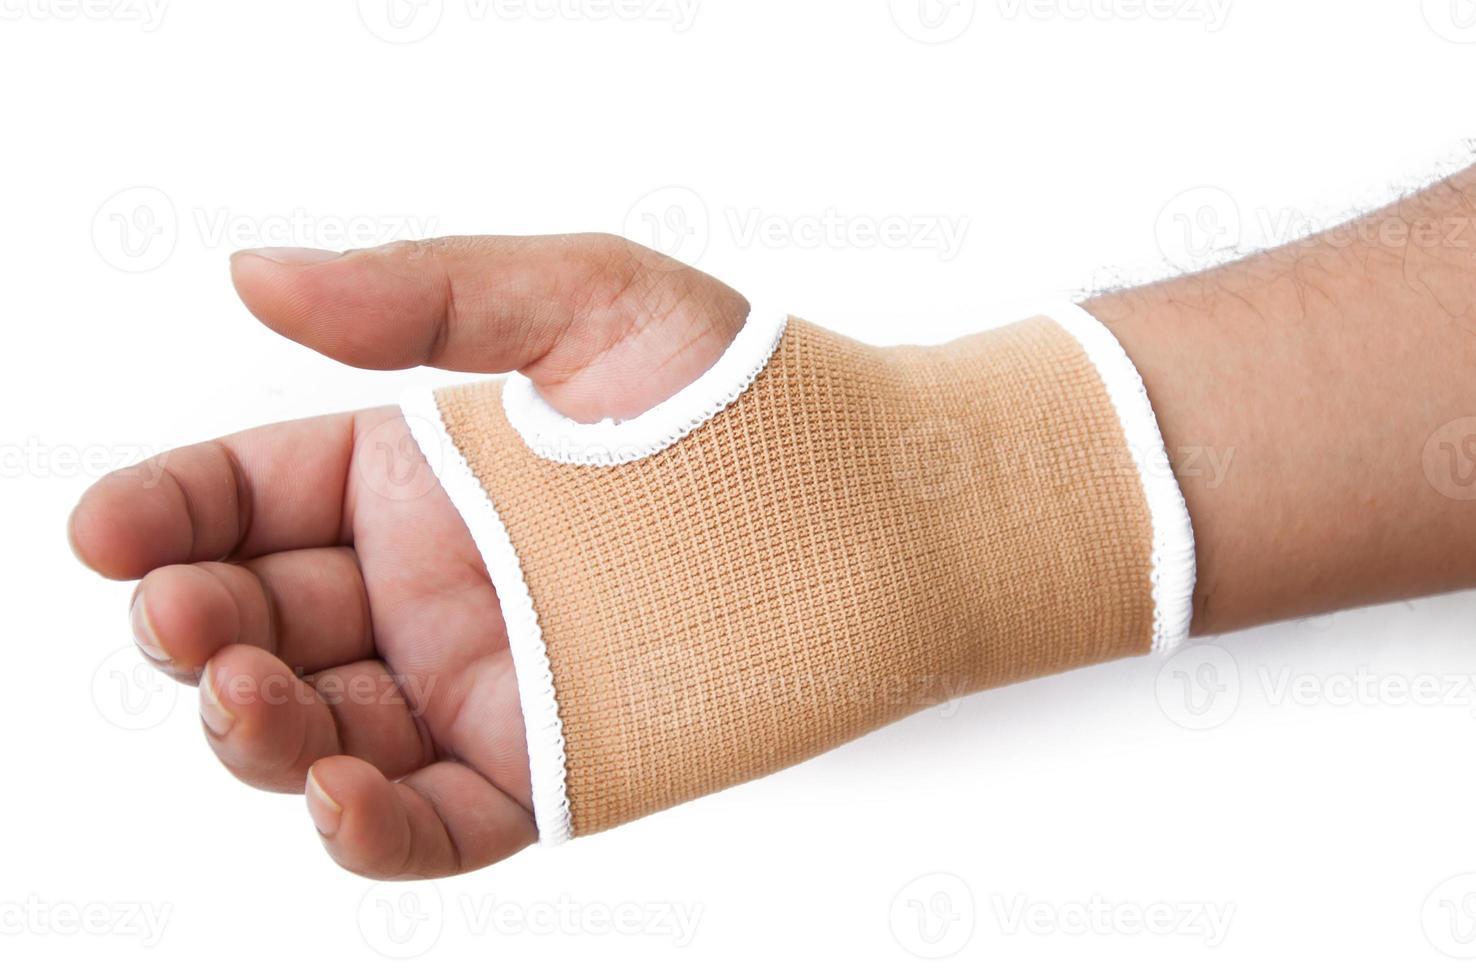 mão masculina, gesticulando usando suporte de pulso de neoprene sobre branco foto